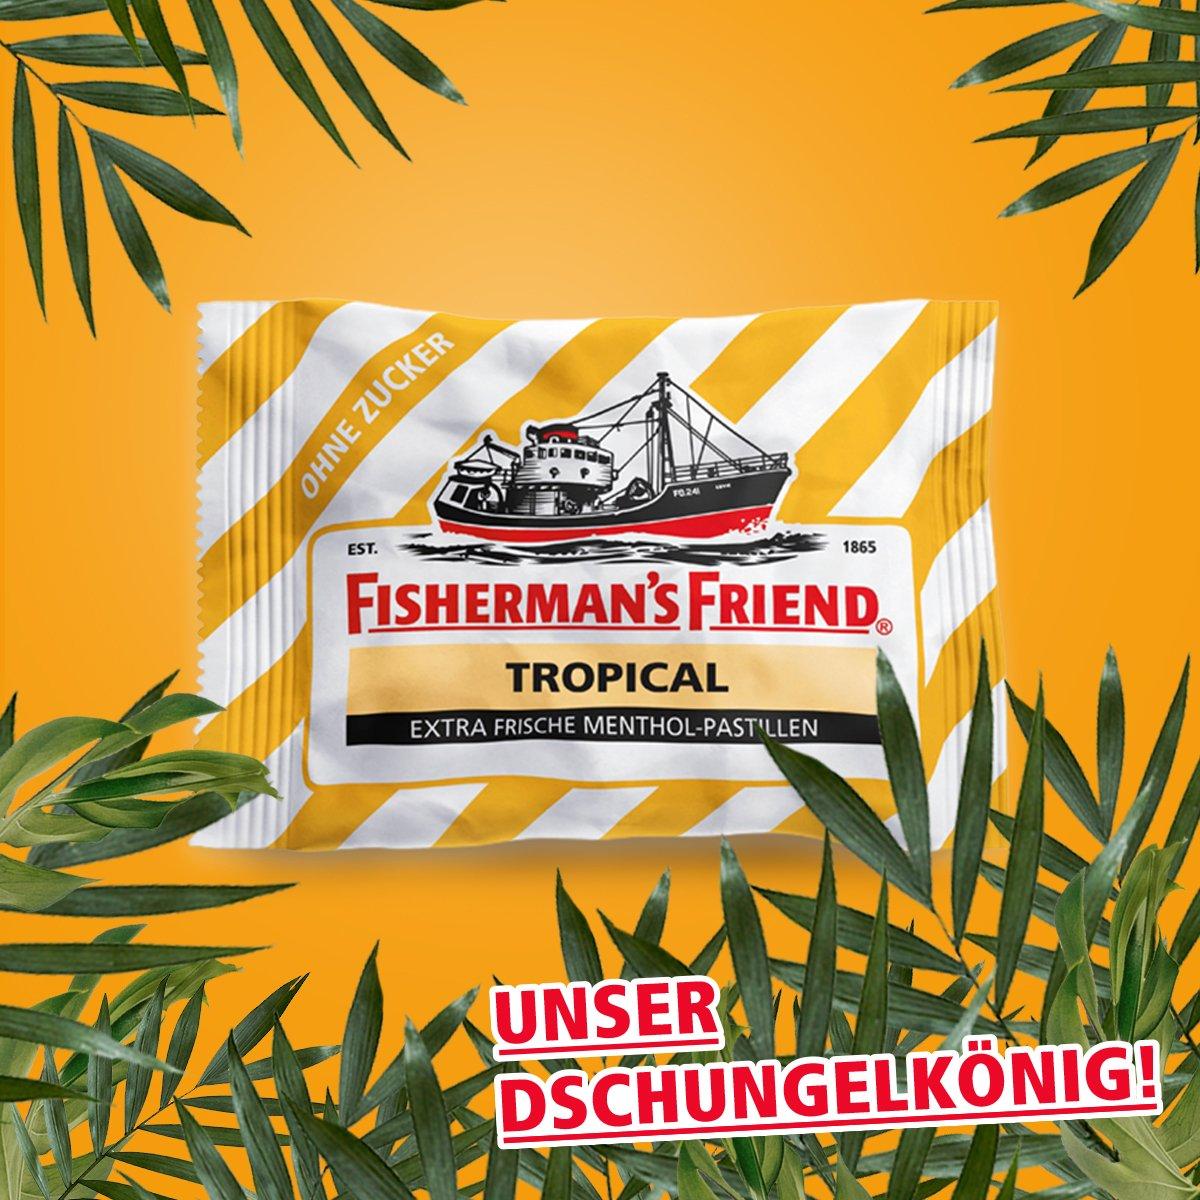 Dschungelcamp ist vorbei. Unser Dschungelkönig bleibt. C'est la vie, wie der Engländer sagt! #IBES2018 #fishermansfriend #ibes https://t.co/mw7hO4oVqG